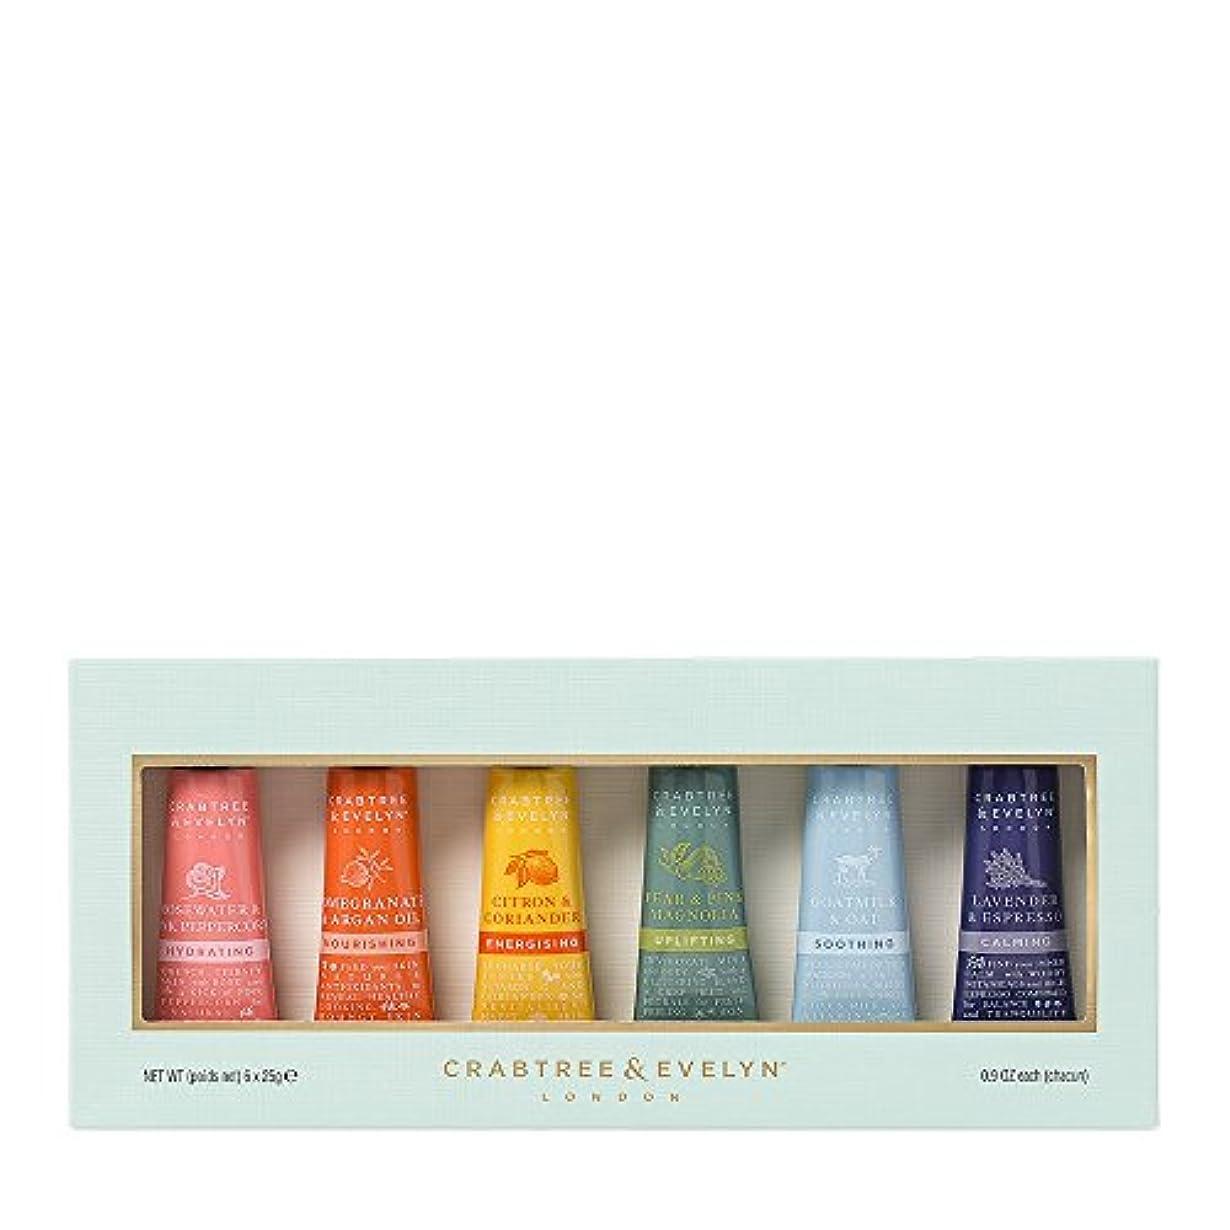 ピグマリオンかわすメッセンジャークラブツリー&イヴリン Limited Edition Hand Therapy Gift Set 6x25ml/0.86oz並行輸入品